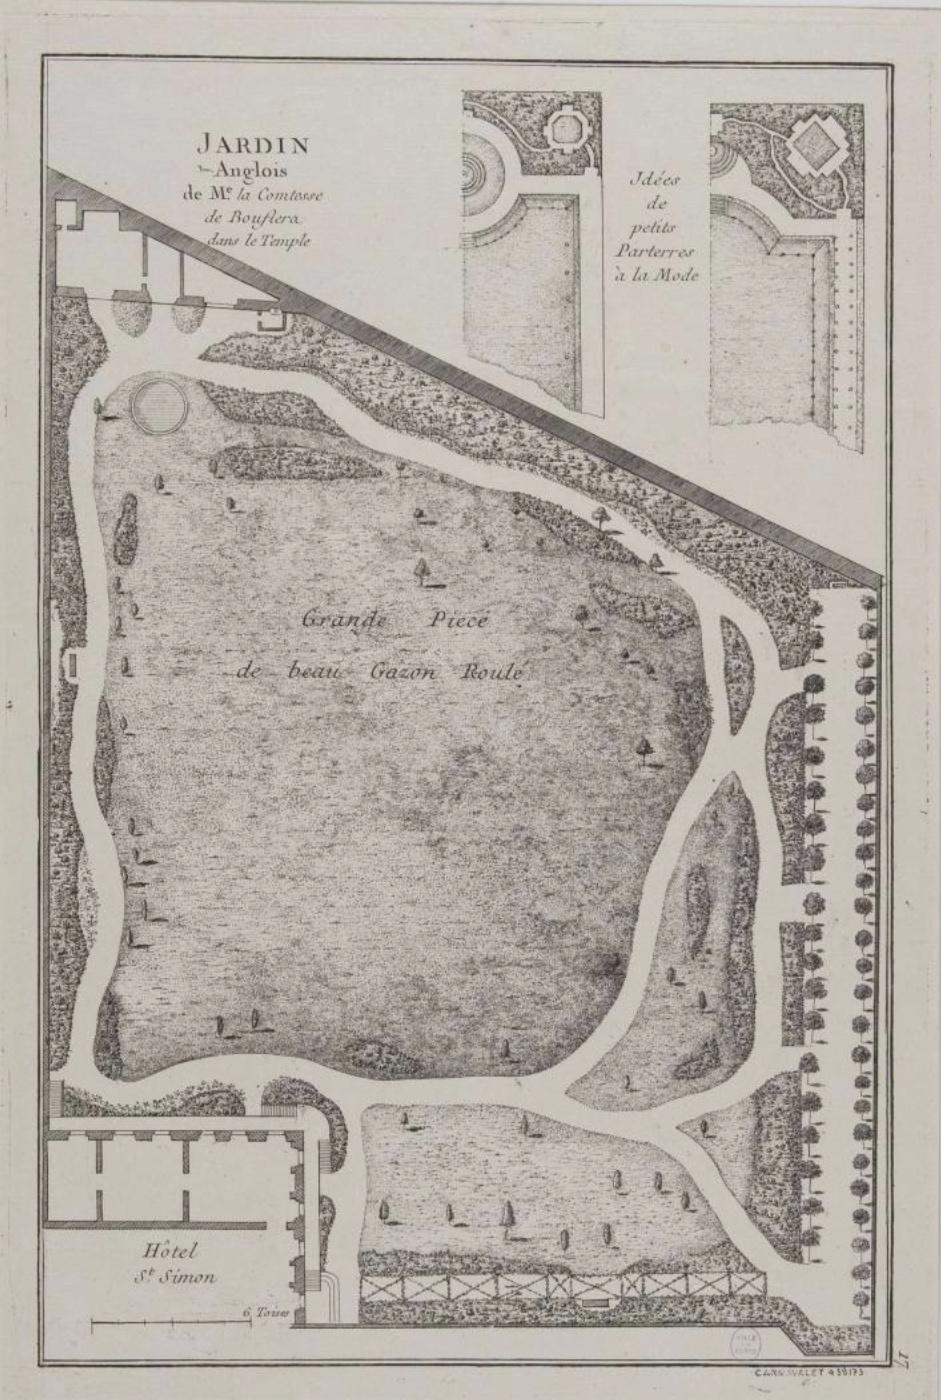 L'enclos du Temple au XVIIIe siècle - Page 3 Captu546